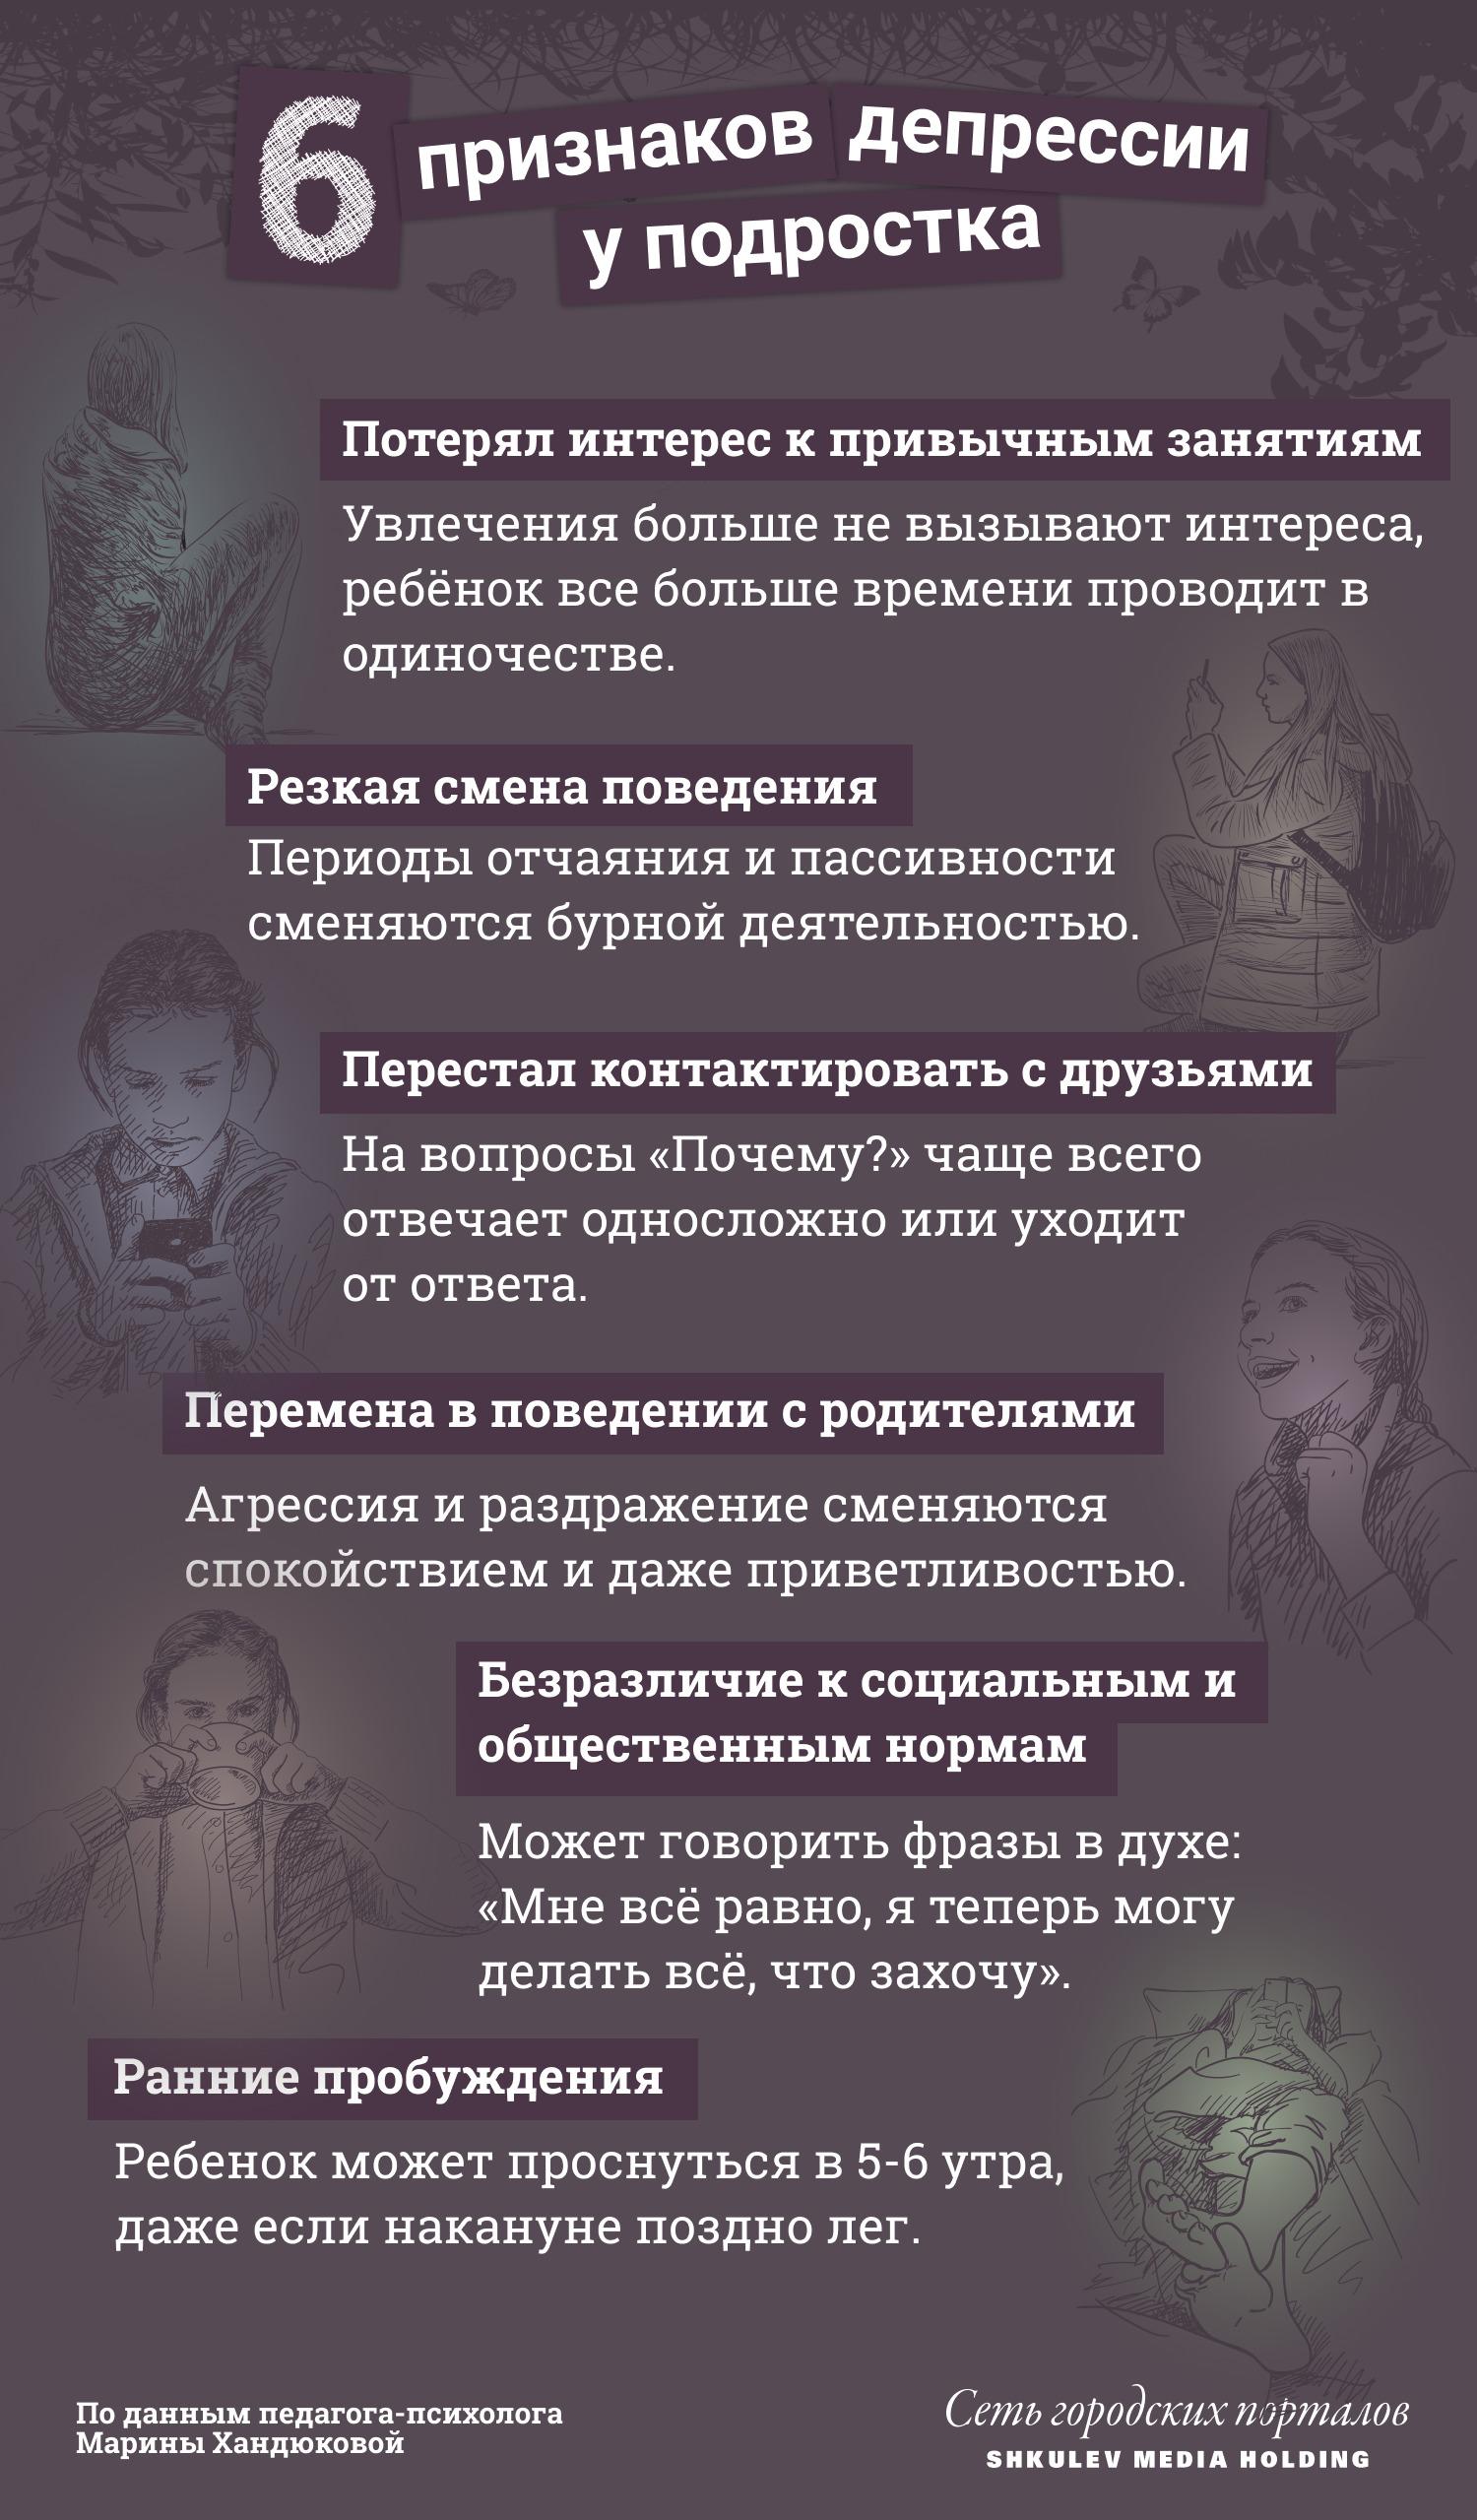 """Психологи советуют&nbsp;<a href=""""https://ngs.ru/text/gorod/2019/10/18/66274600/"""" target=""""_blank"""" class=""""_"""">как можно больше общаться со своим ребенком</a>"""